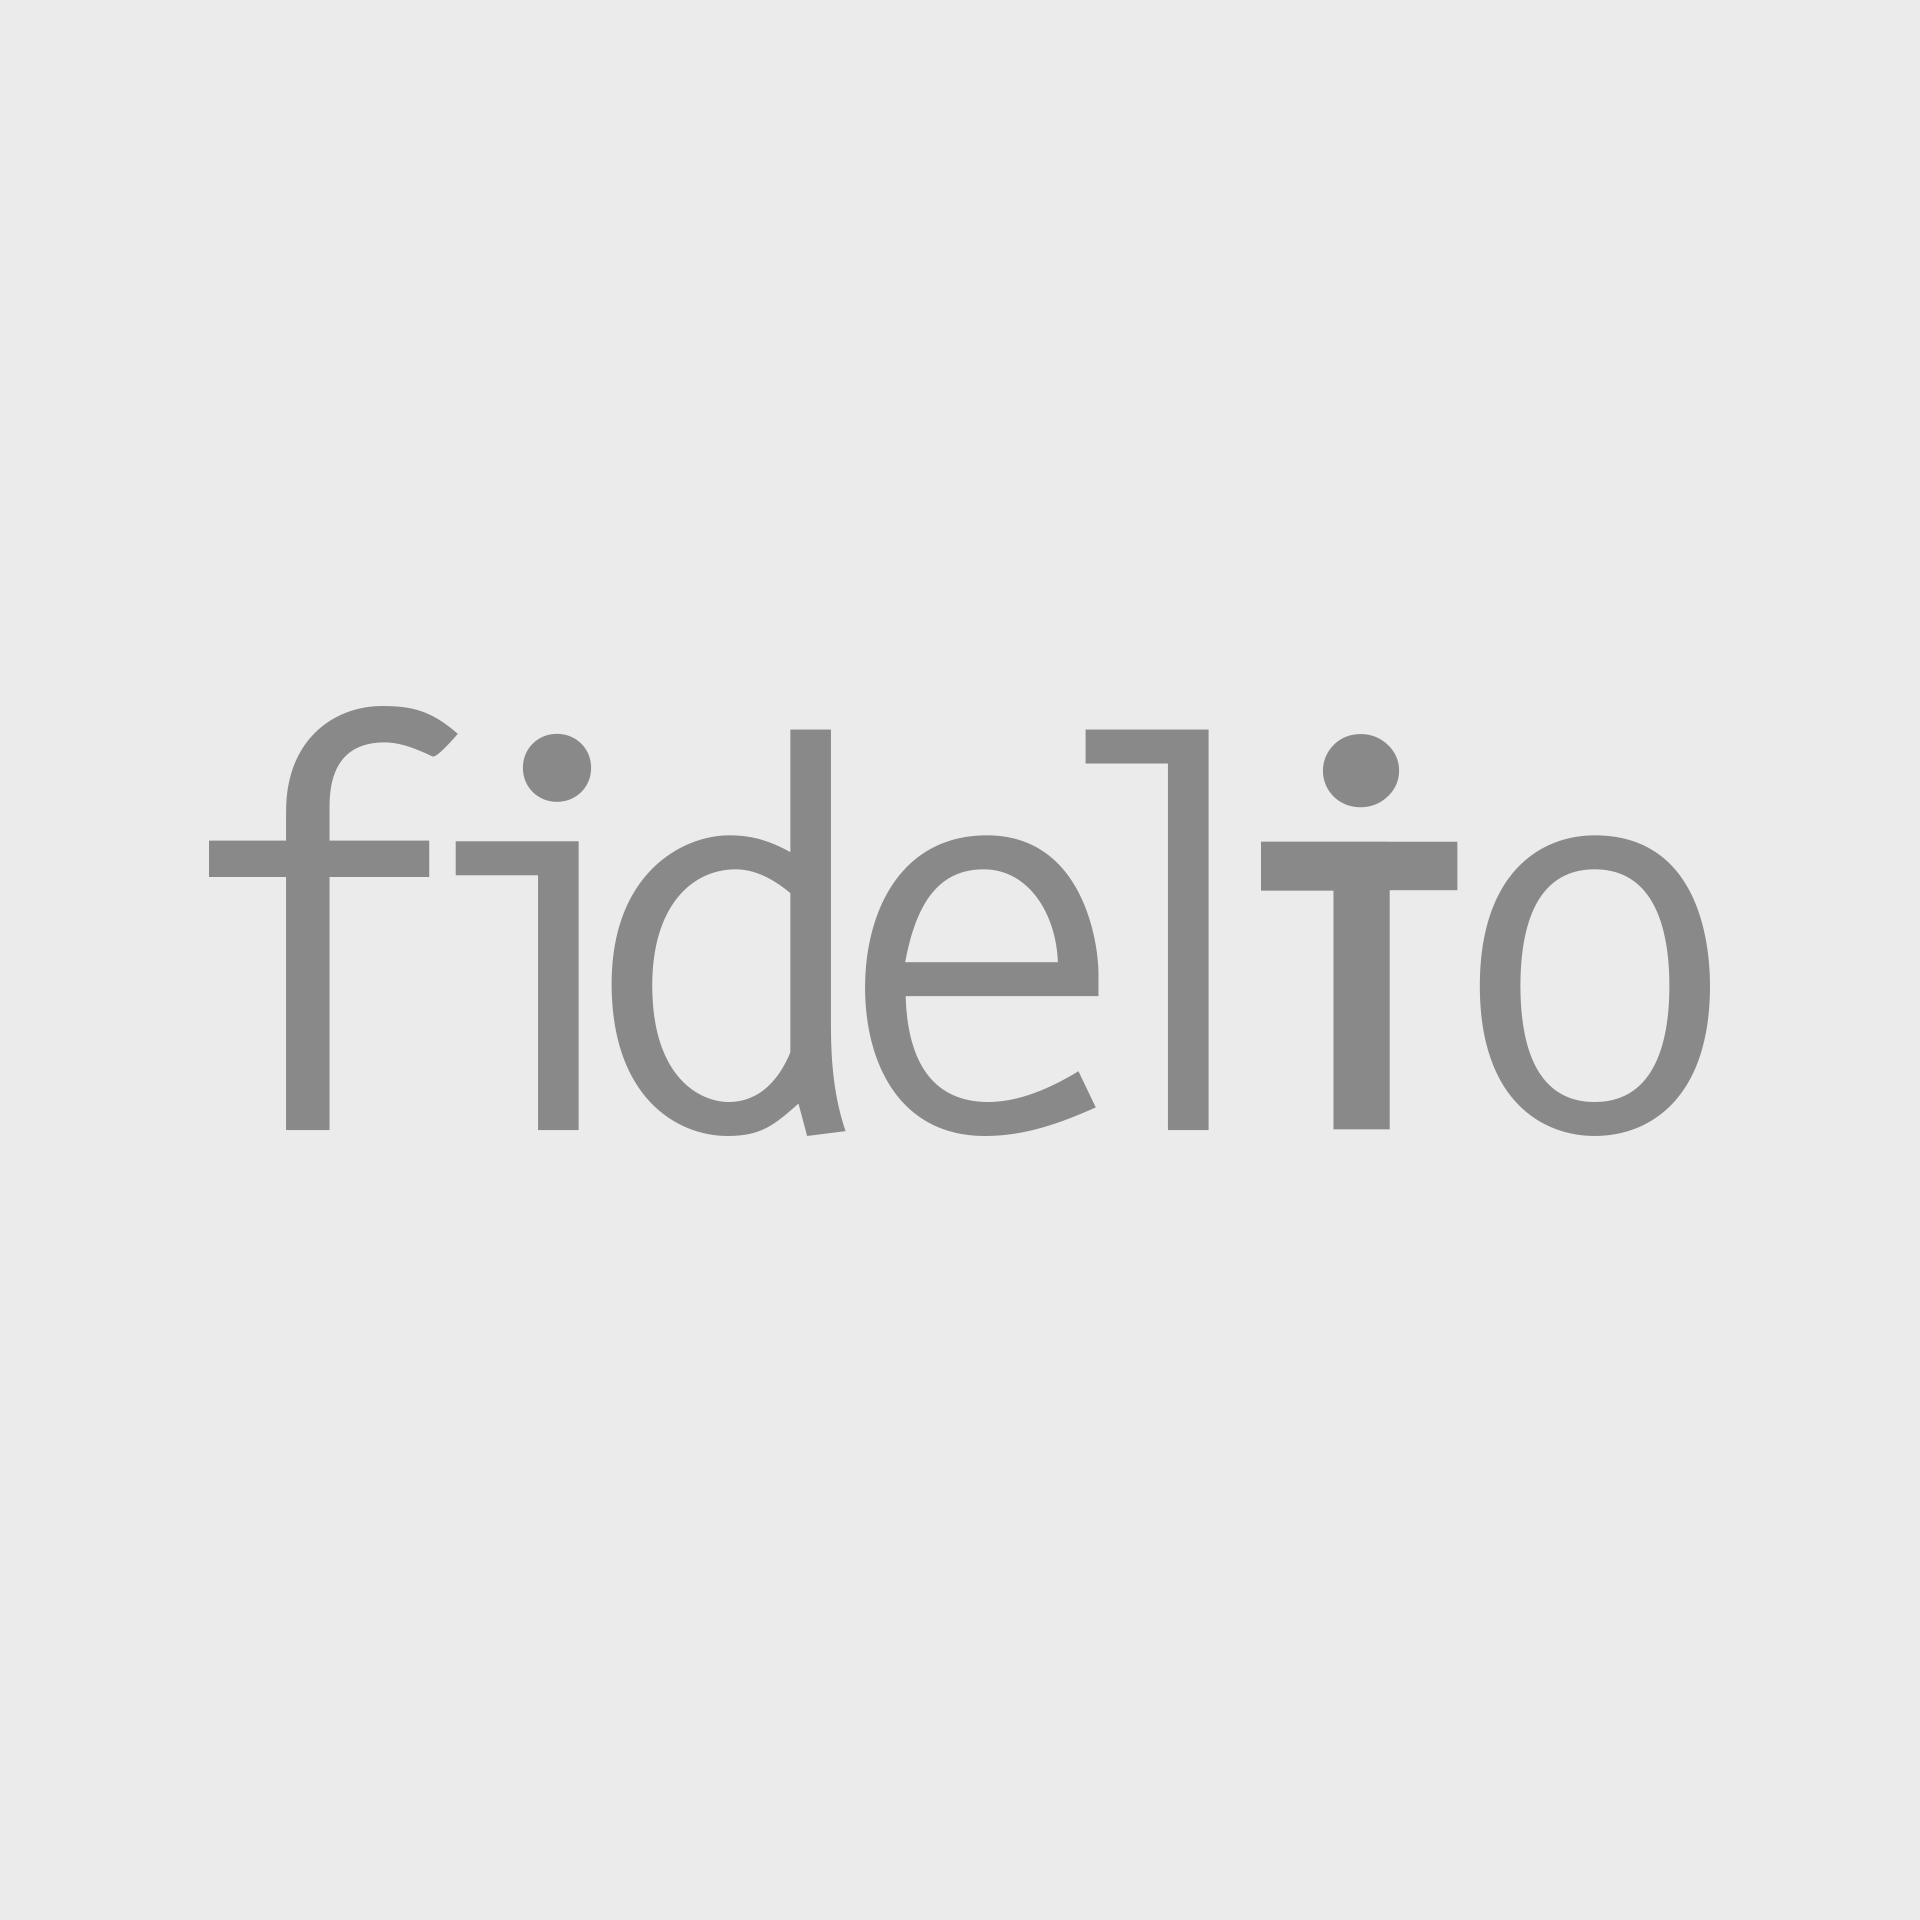 711DC906-F6C4-4660-AA1D-58CBB4A236CD